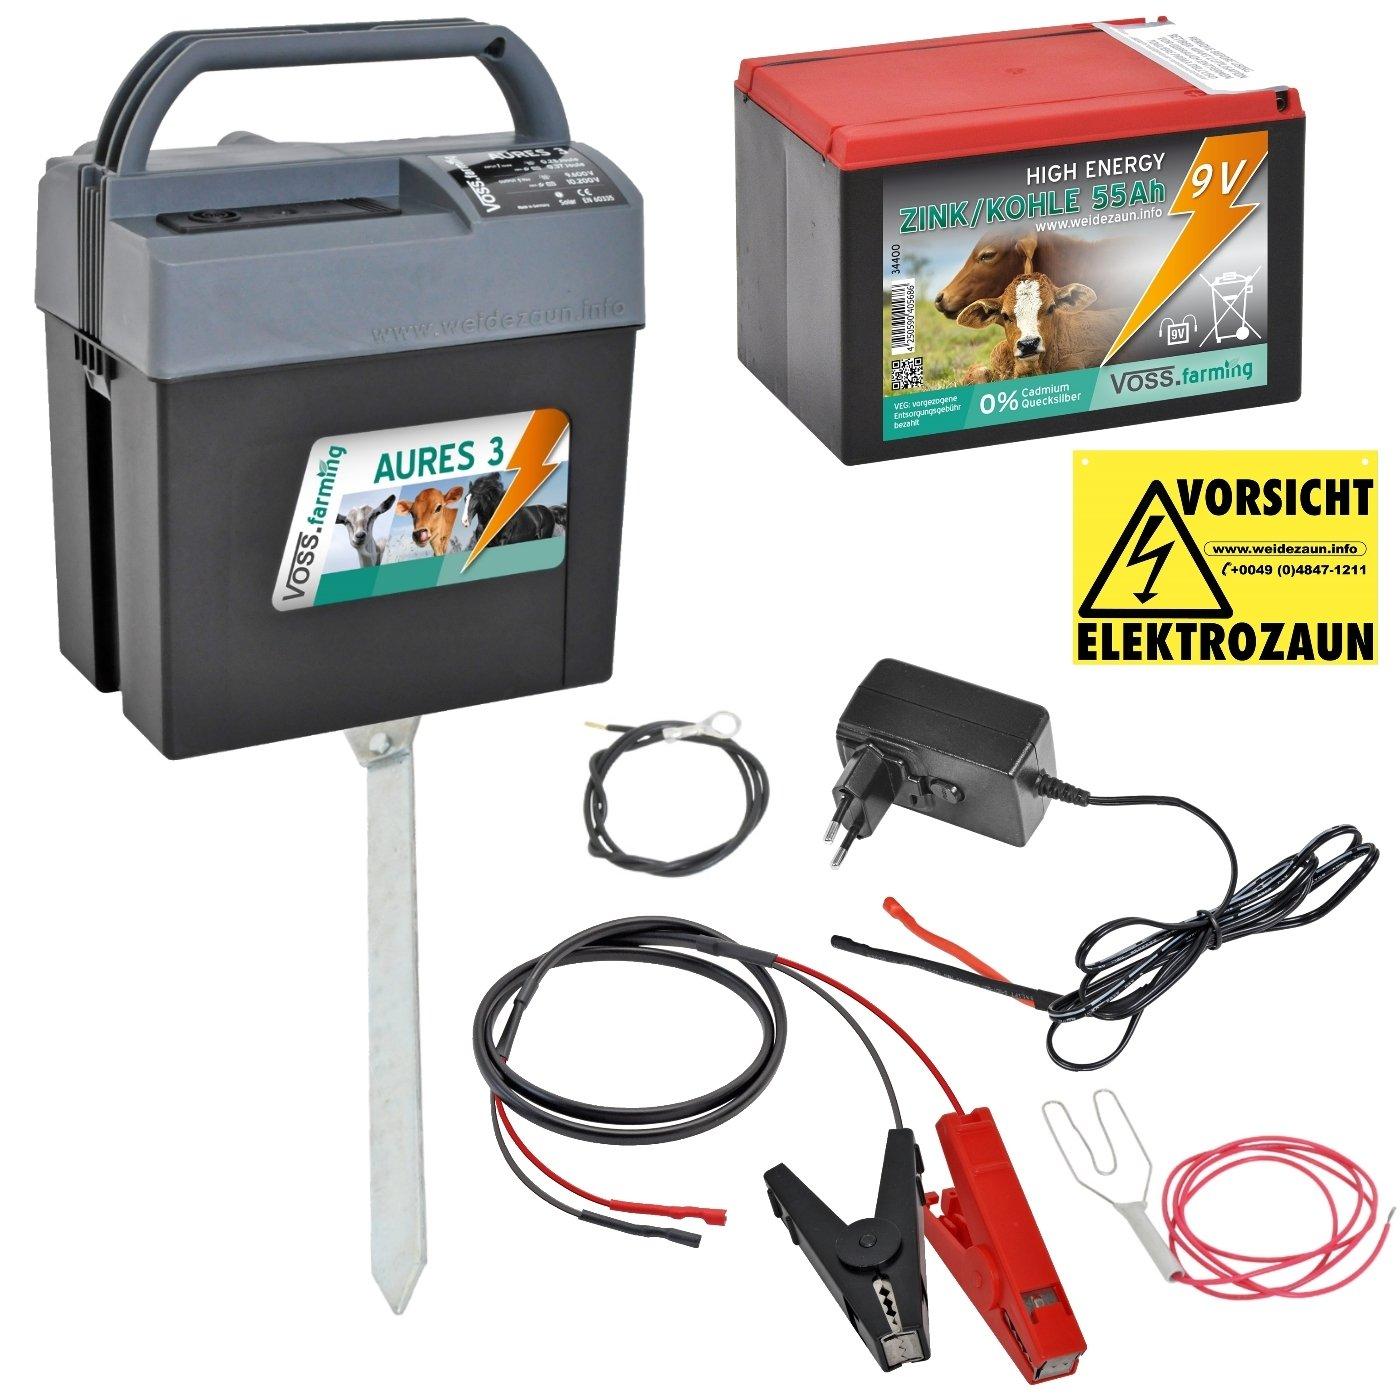 Weidezaungerät (9V, 12V, 230V) AURES3 von VOSS.farming inkl. 9V Weidezaunbatterie und Zubehör, passend für den Elektrozaun und Weidezaun ihr Begleiter für die Weide Netzgerät, Batteriergerät